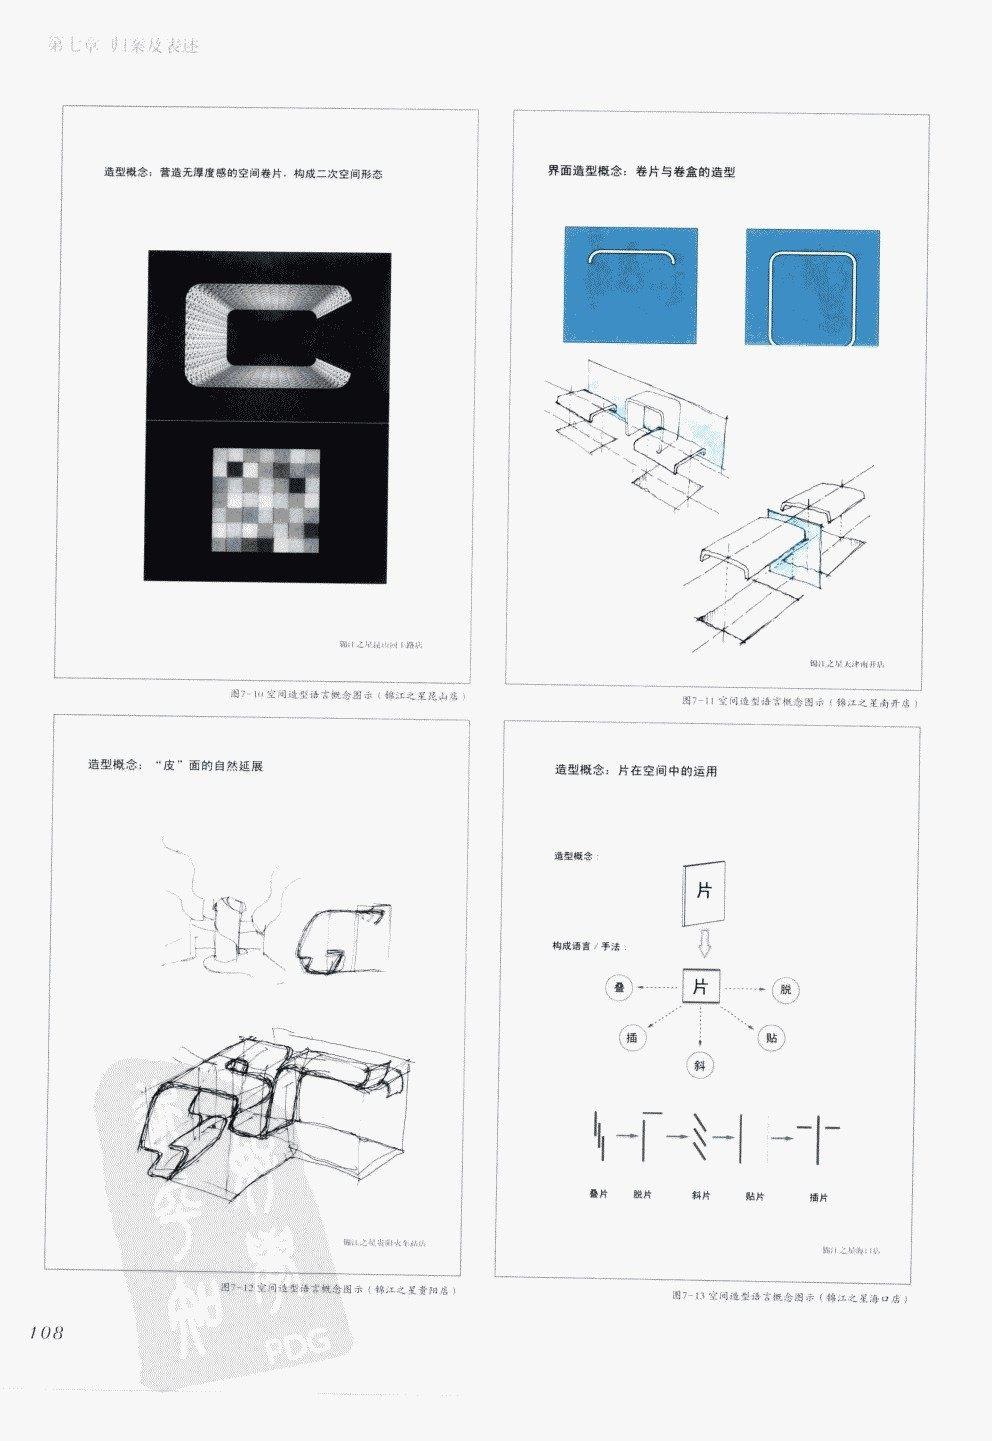 室内设计纲要++概念思考与过程表达_室内设计纲要  概念思考与过程表达_1297982..._页面_116.jpg